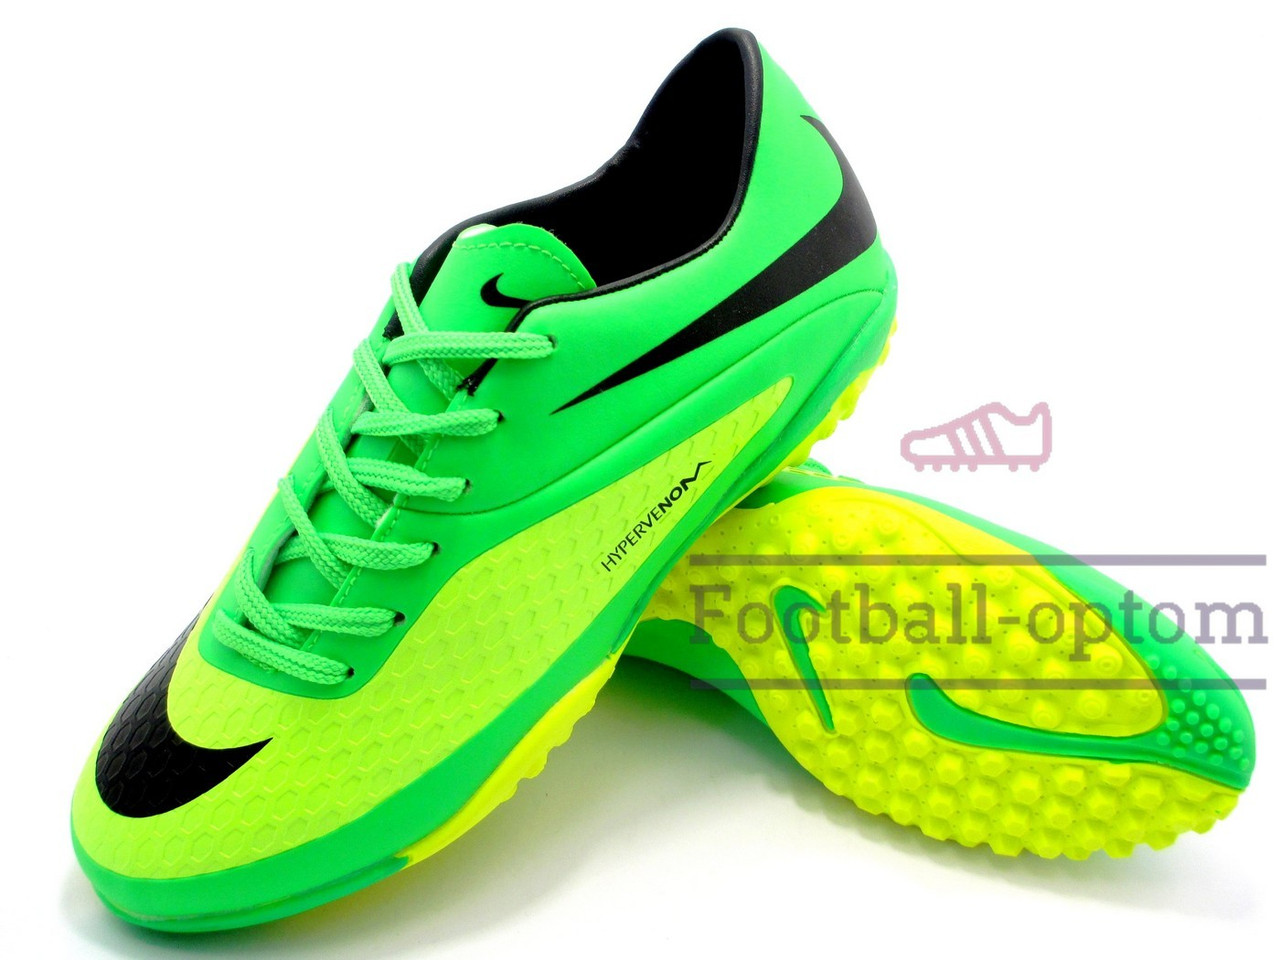 Сороконожки Nike Hypervenom Phantom Найк Гипервеном Фантом, желто-зеленые,  к11442 - Футбольный c28708b71dc